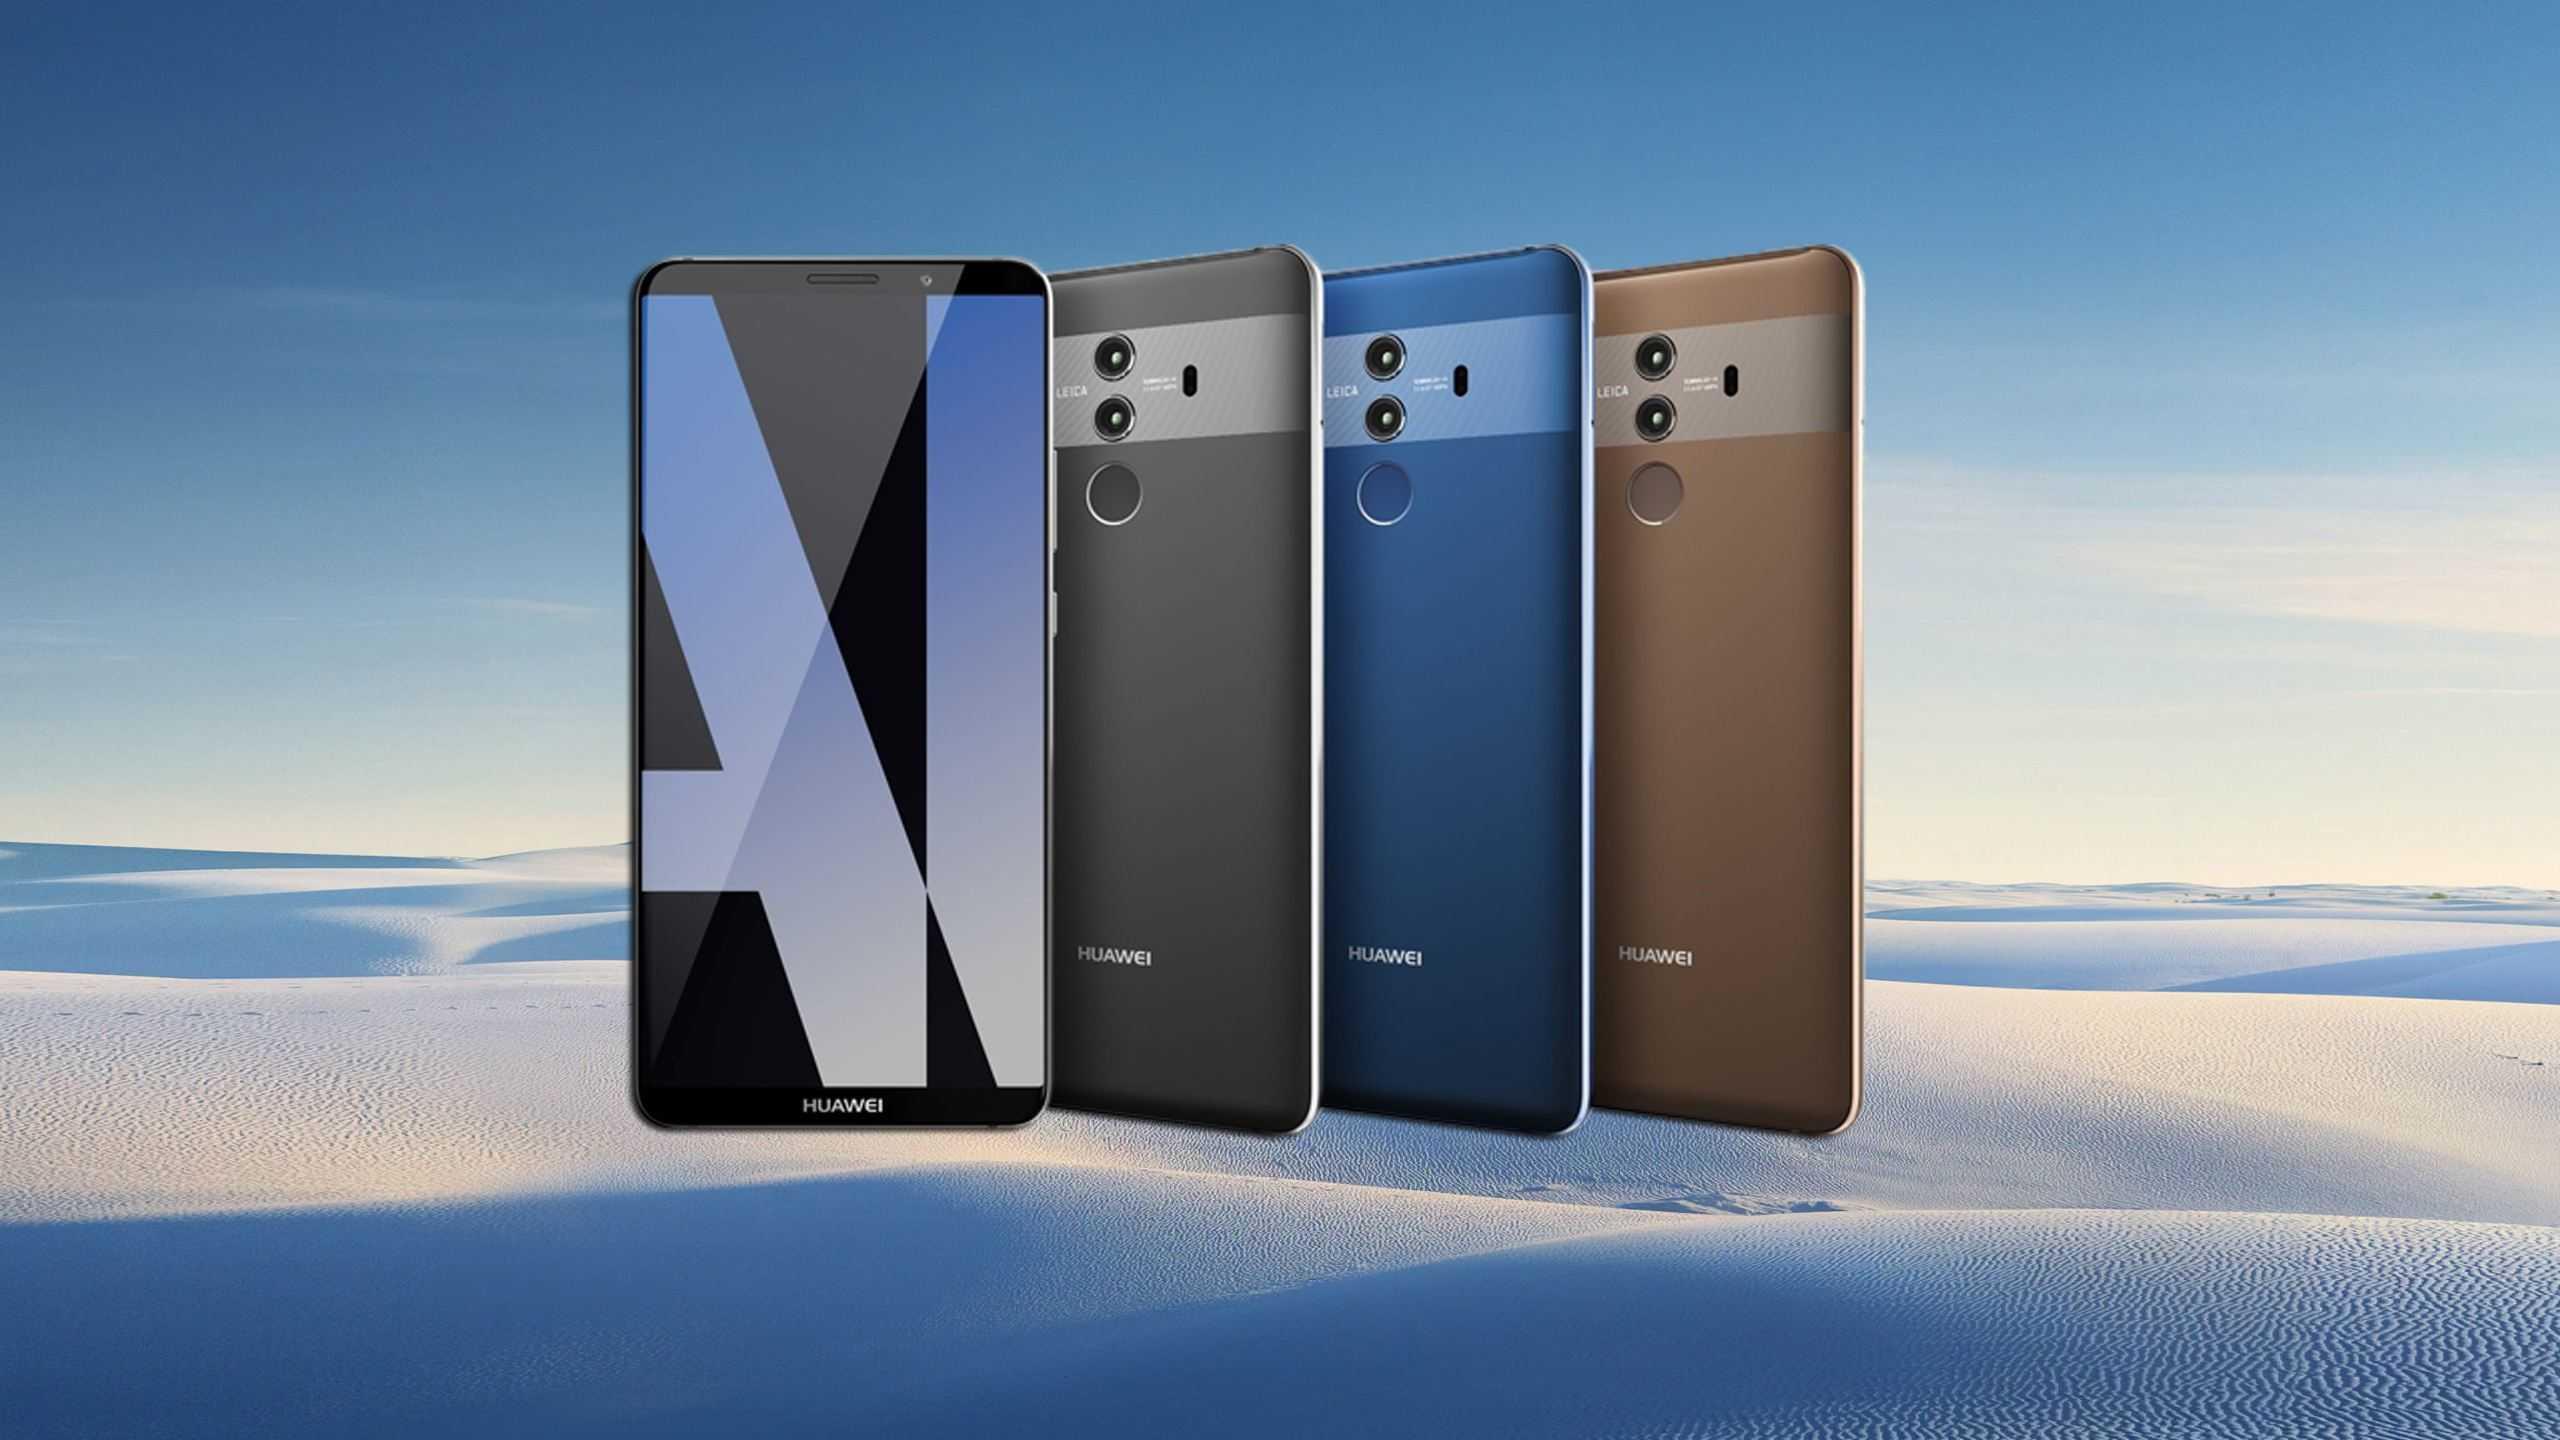 2020二千左右性价比高的手机有哪些_2020二千左右高性价比手机推荐